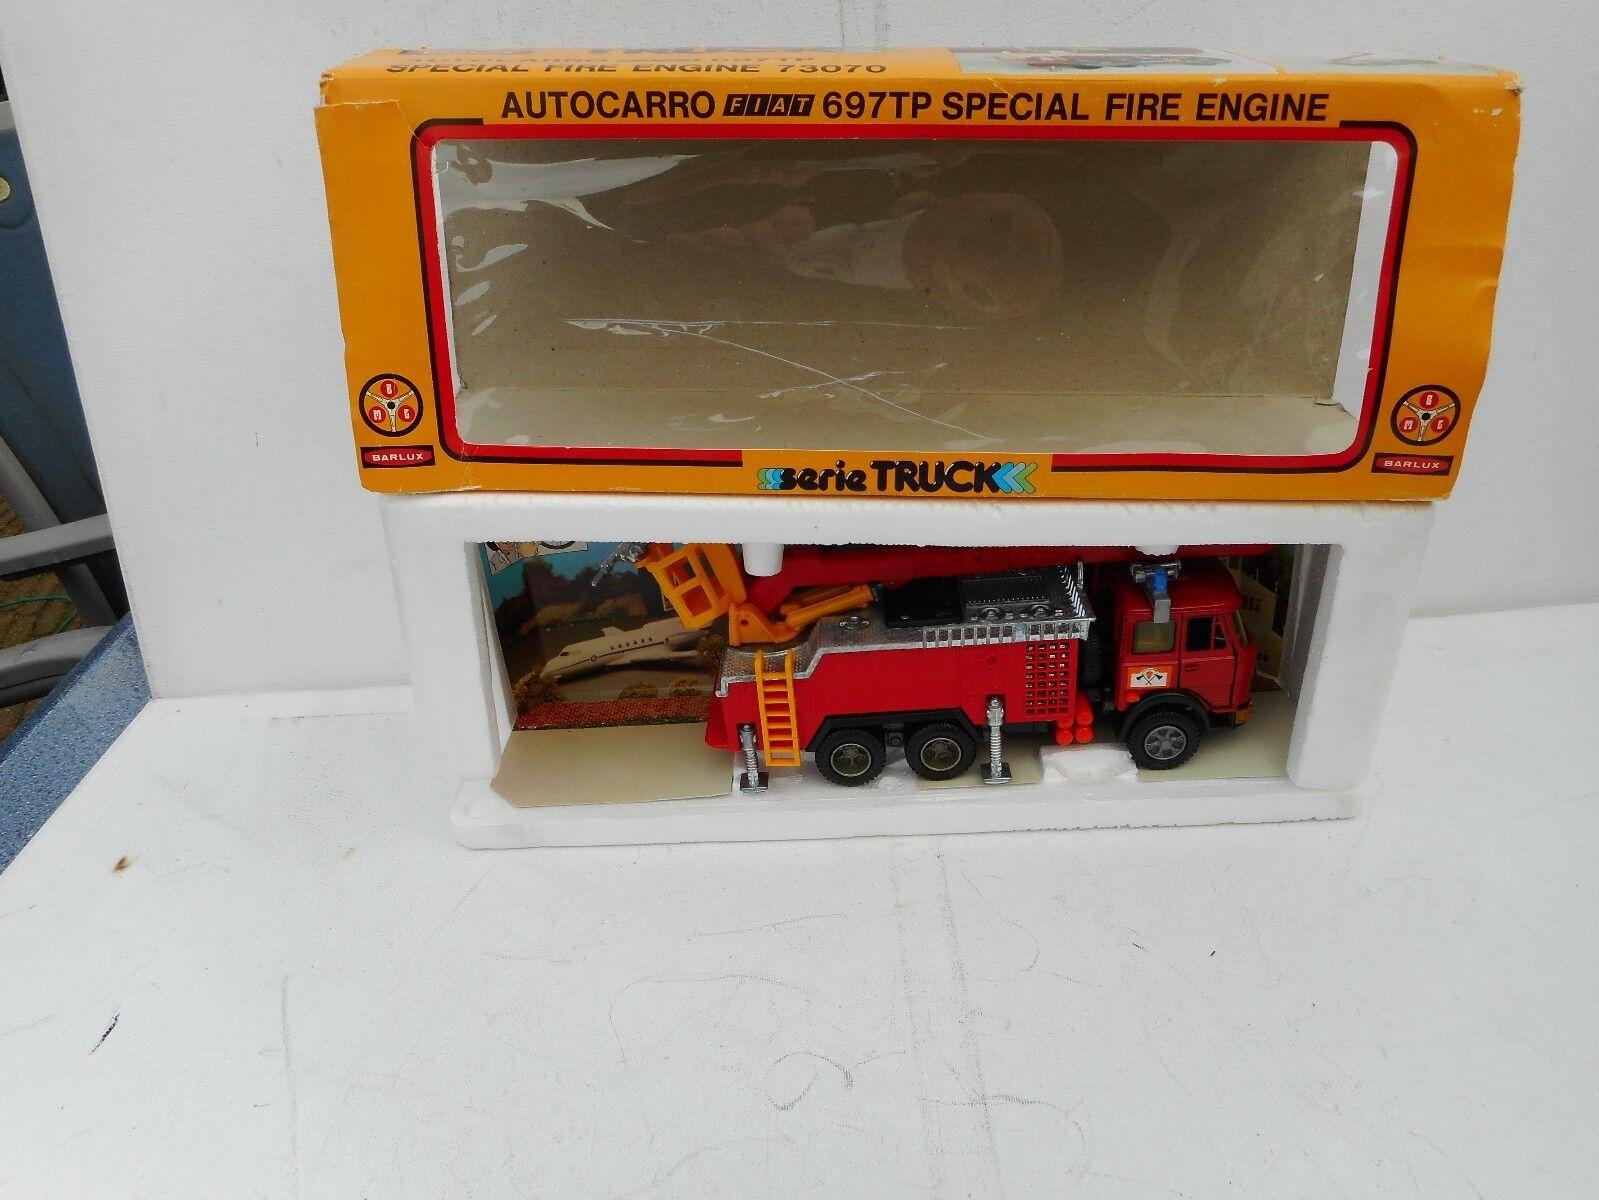 ci sono più marche di prodotti di alta qualità FORMA giocattoli      BARLUX AUTOautoRO 1 35  FIAT 697TP specialeee FIRE ENGINE 73070 scatolaED  comprare a buon mercato